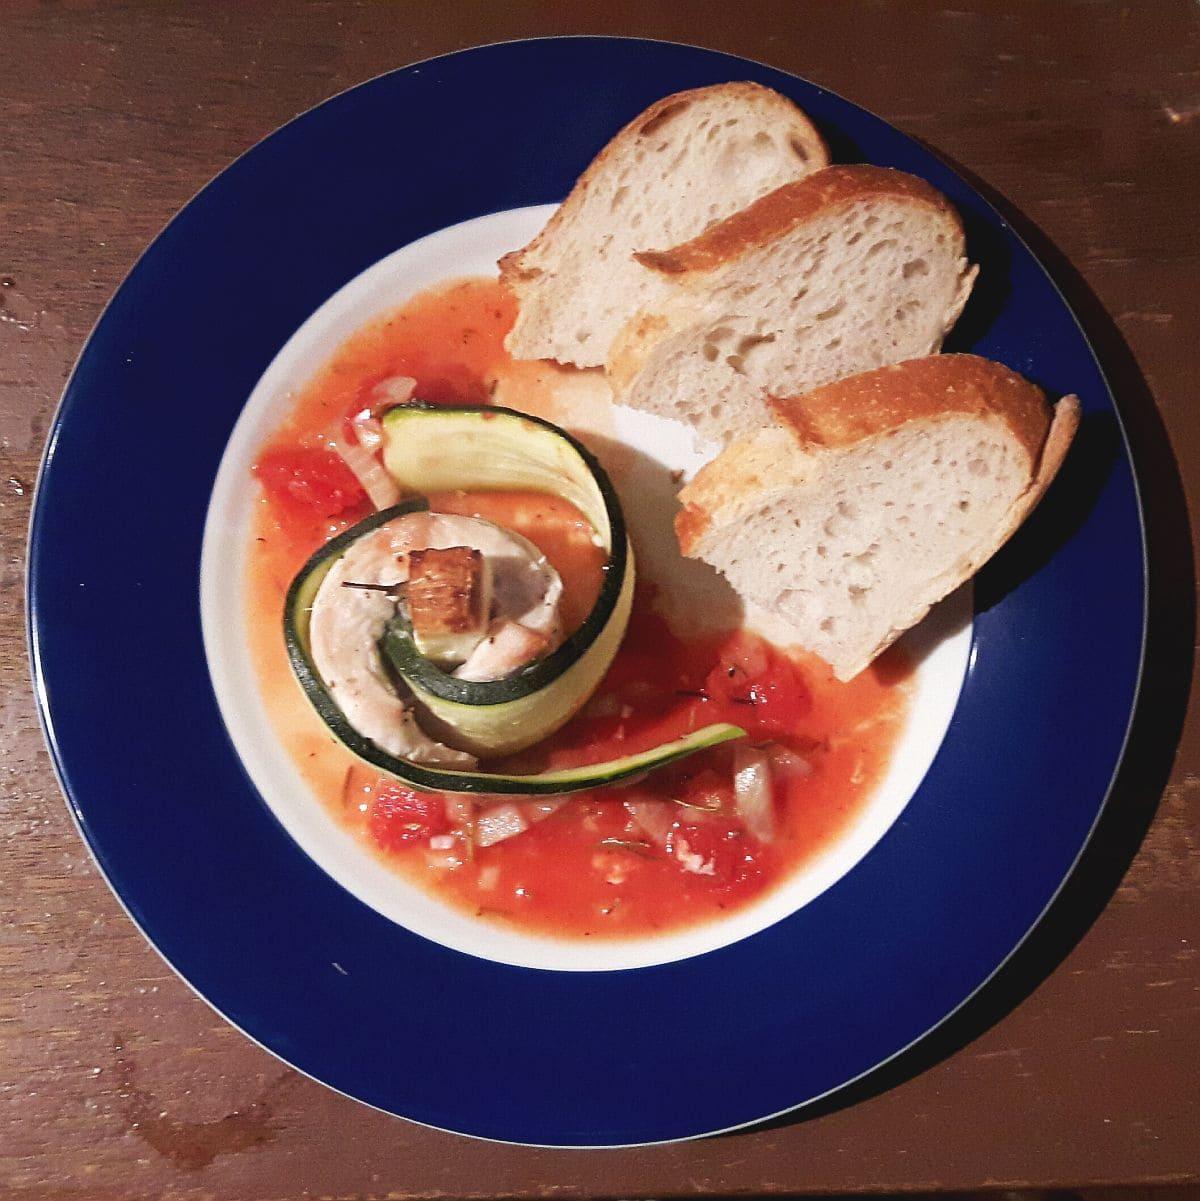 Rezept für Zucchiniröllchen, aus dem Ofen, mit Tomatensauce, Carl Tode Göttingen